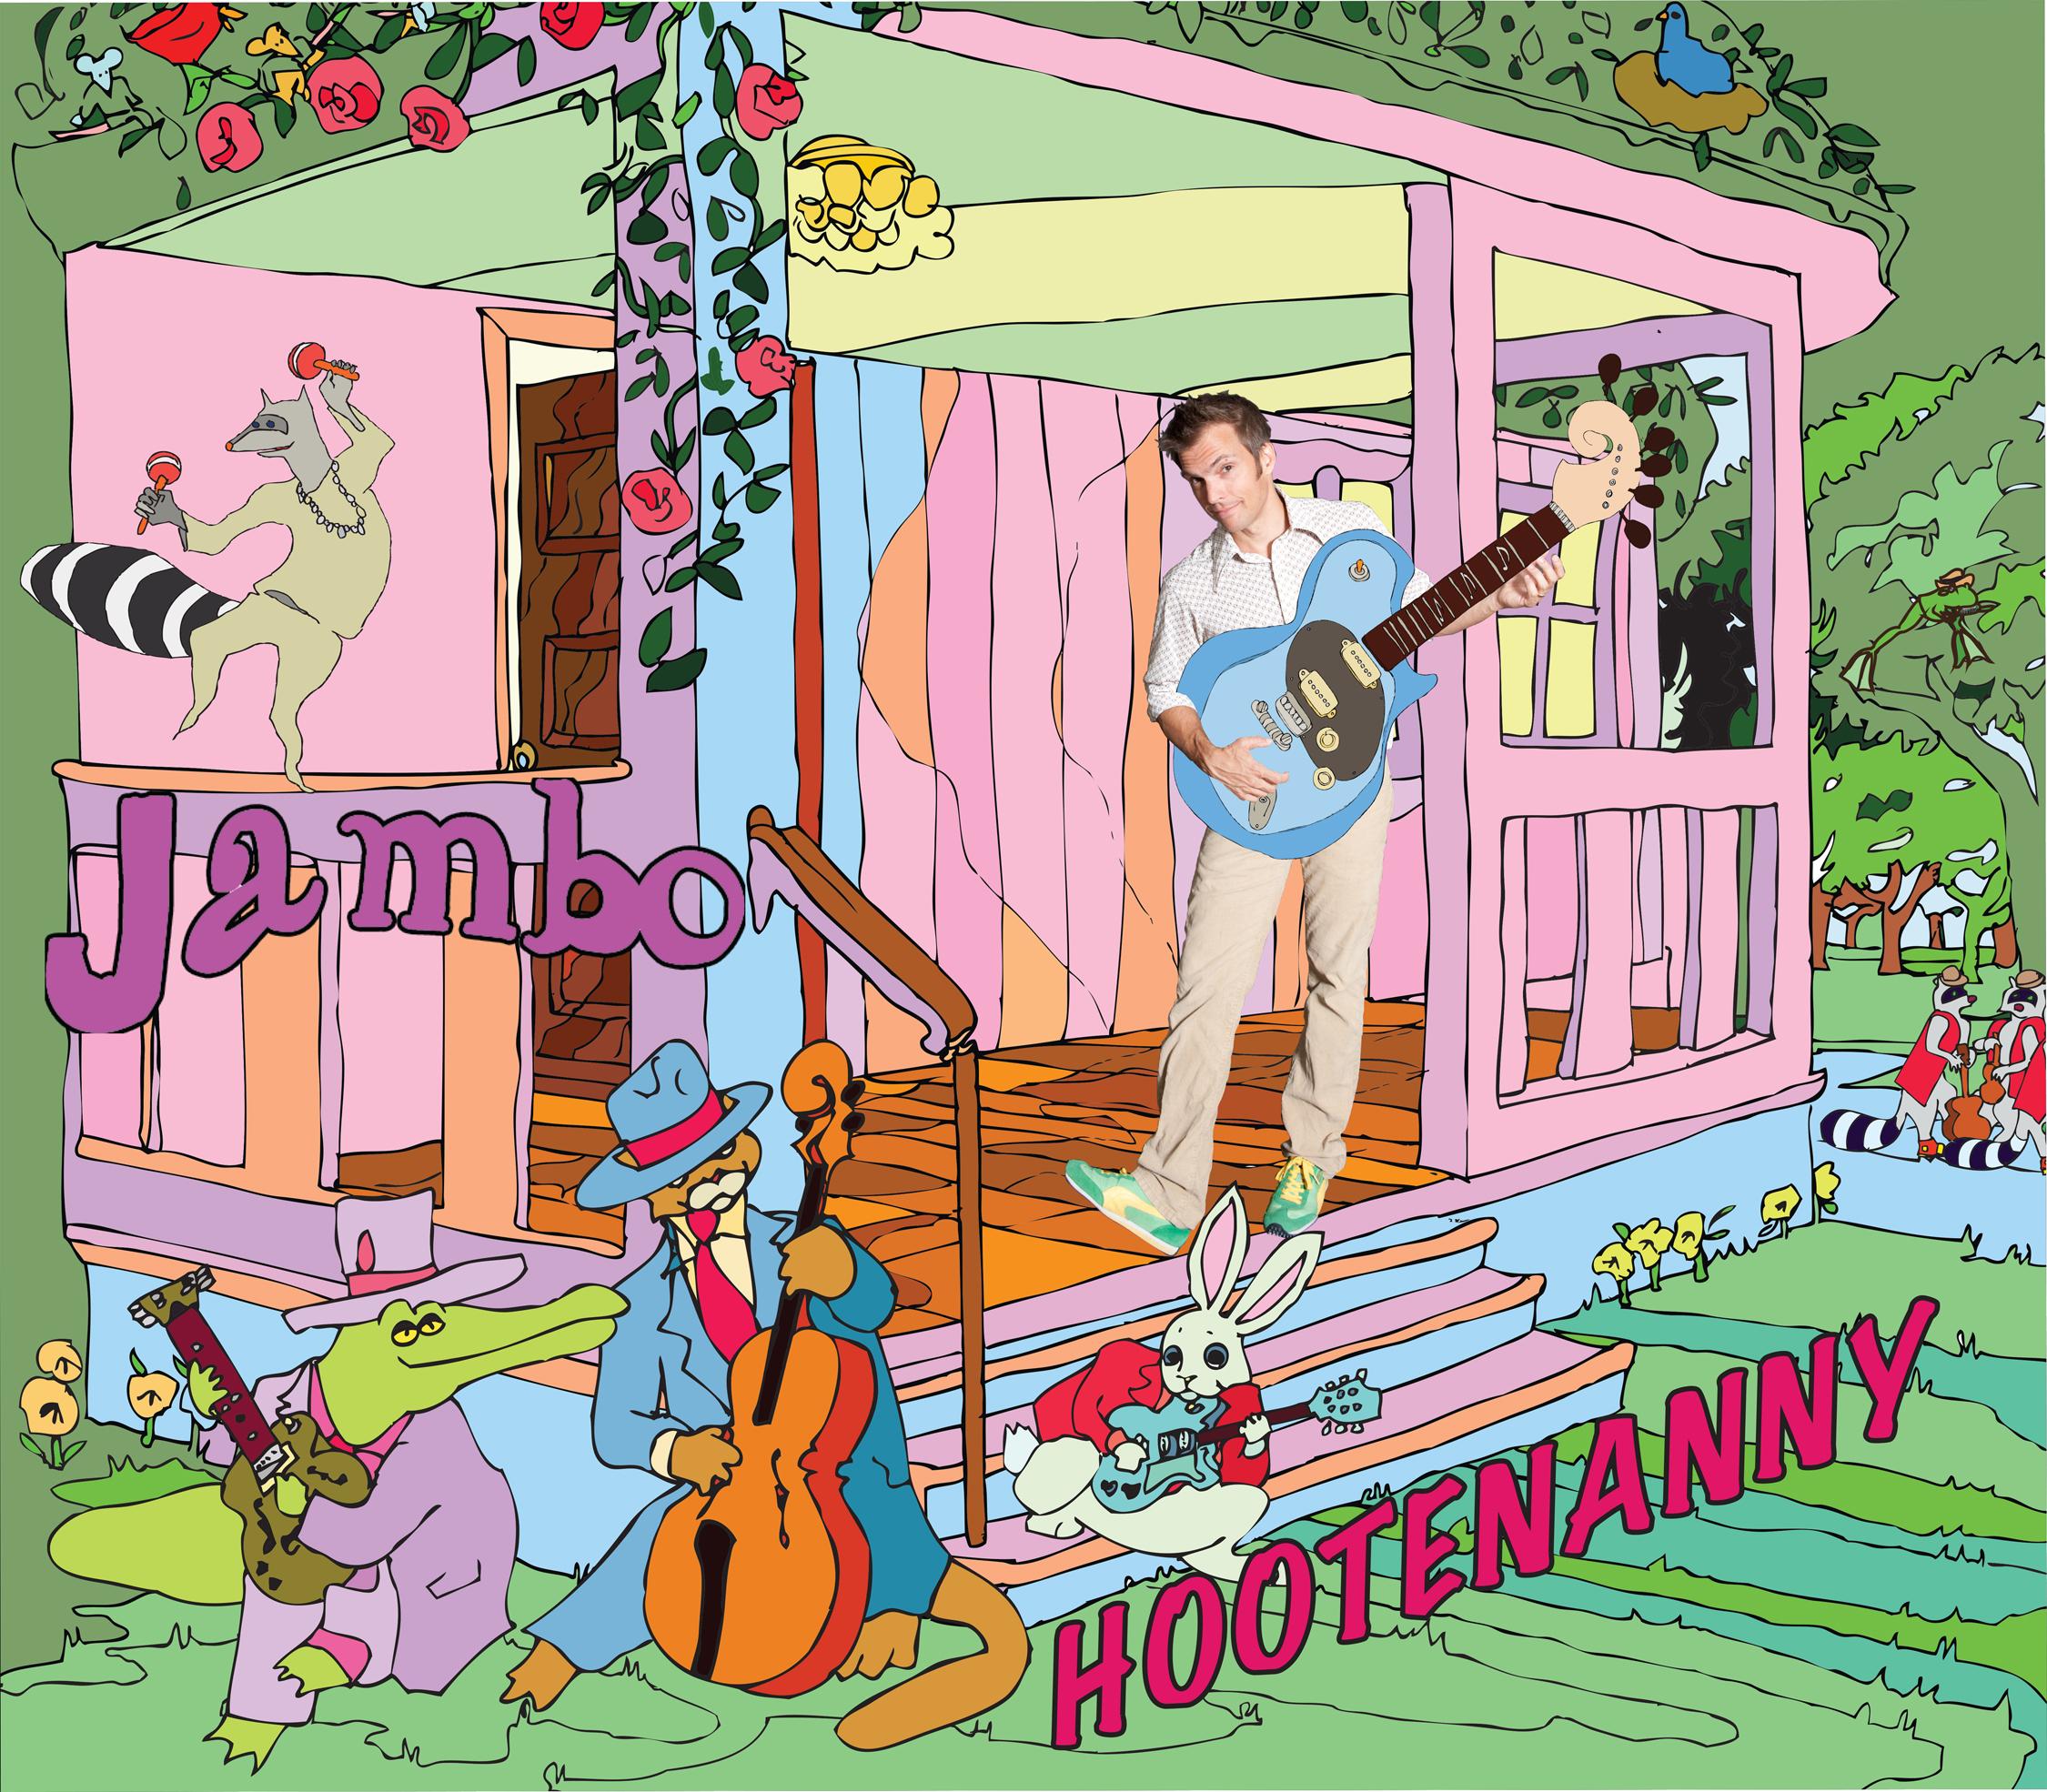 Jambo Hootenanny